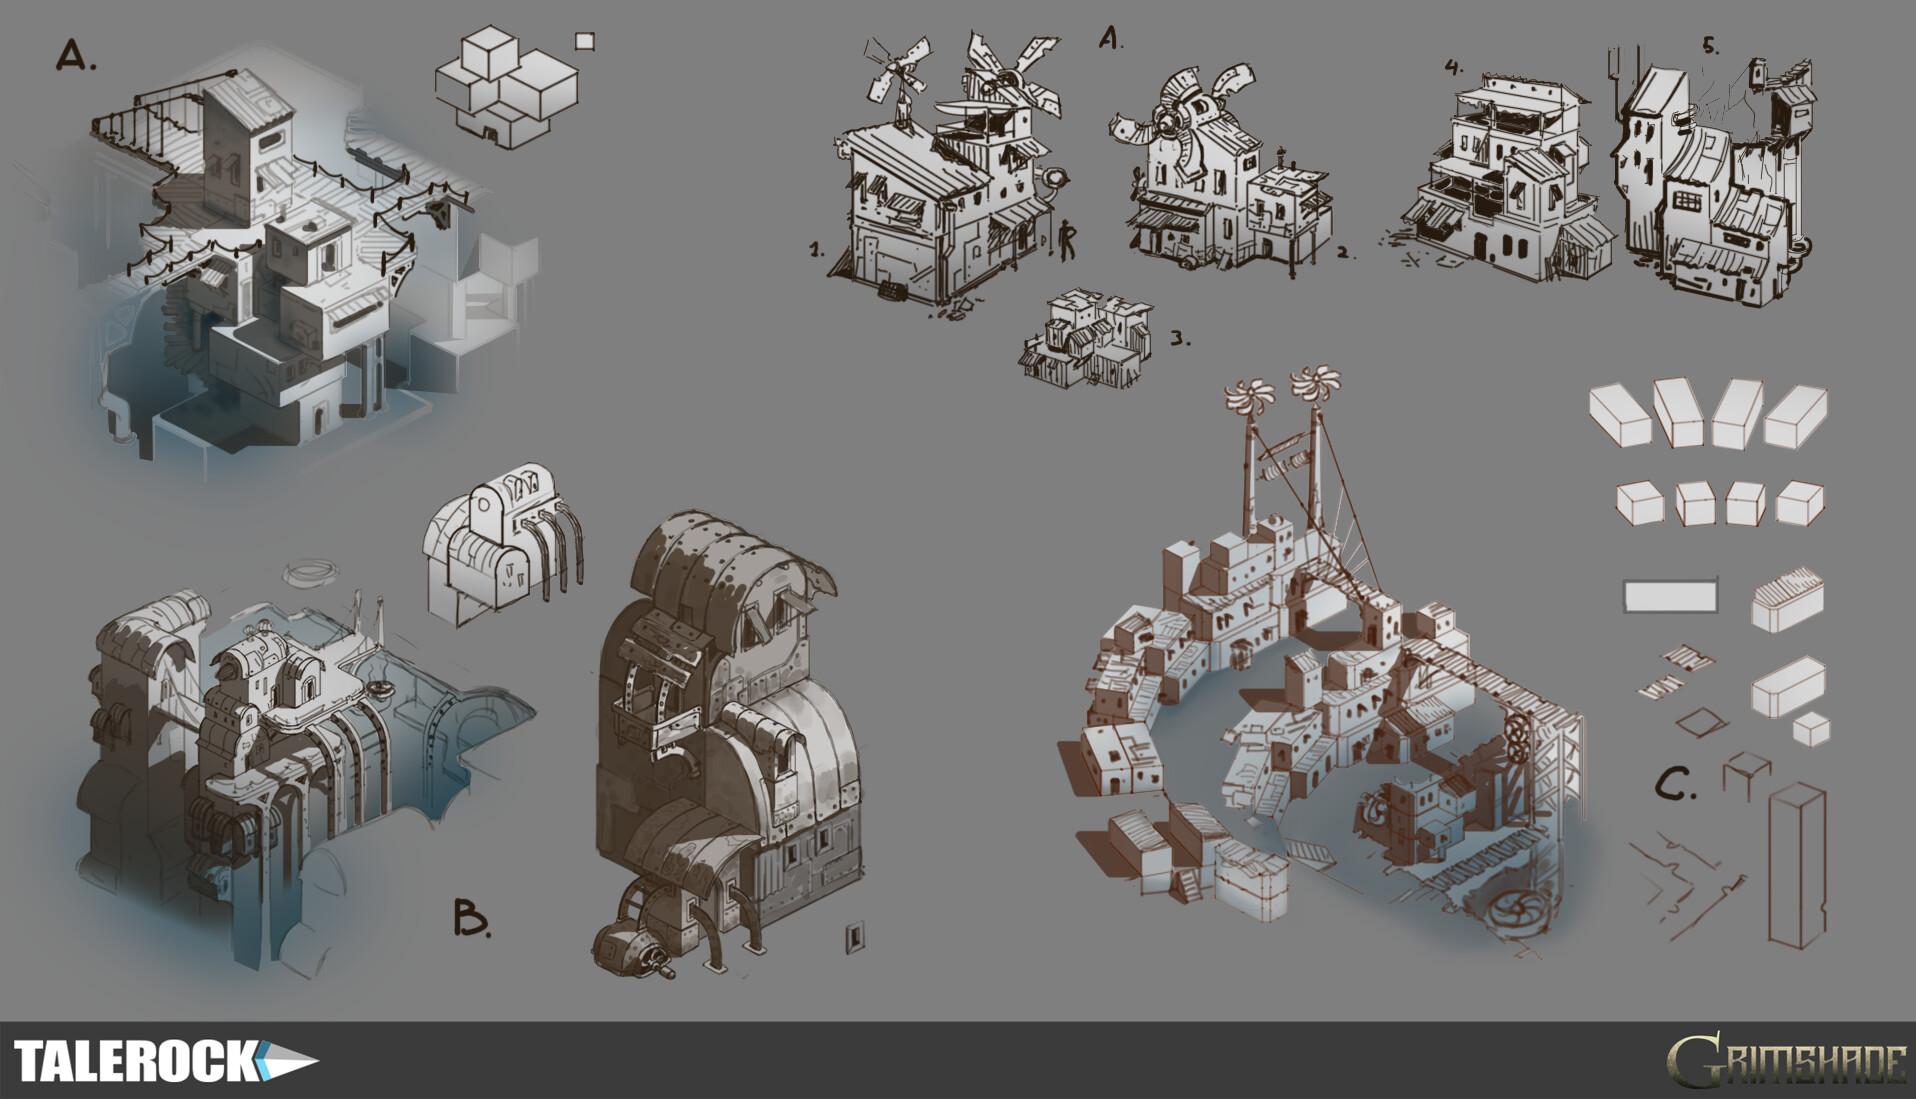 Talerock studio slum architecture concept